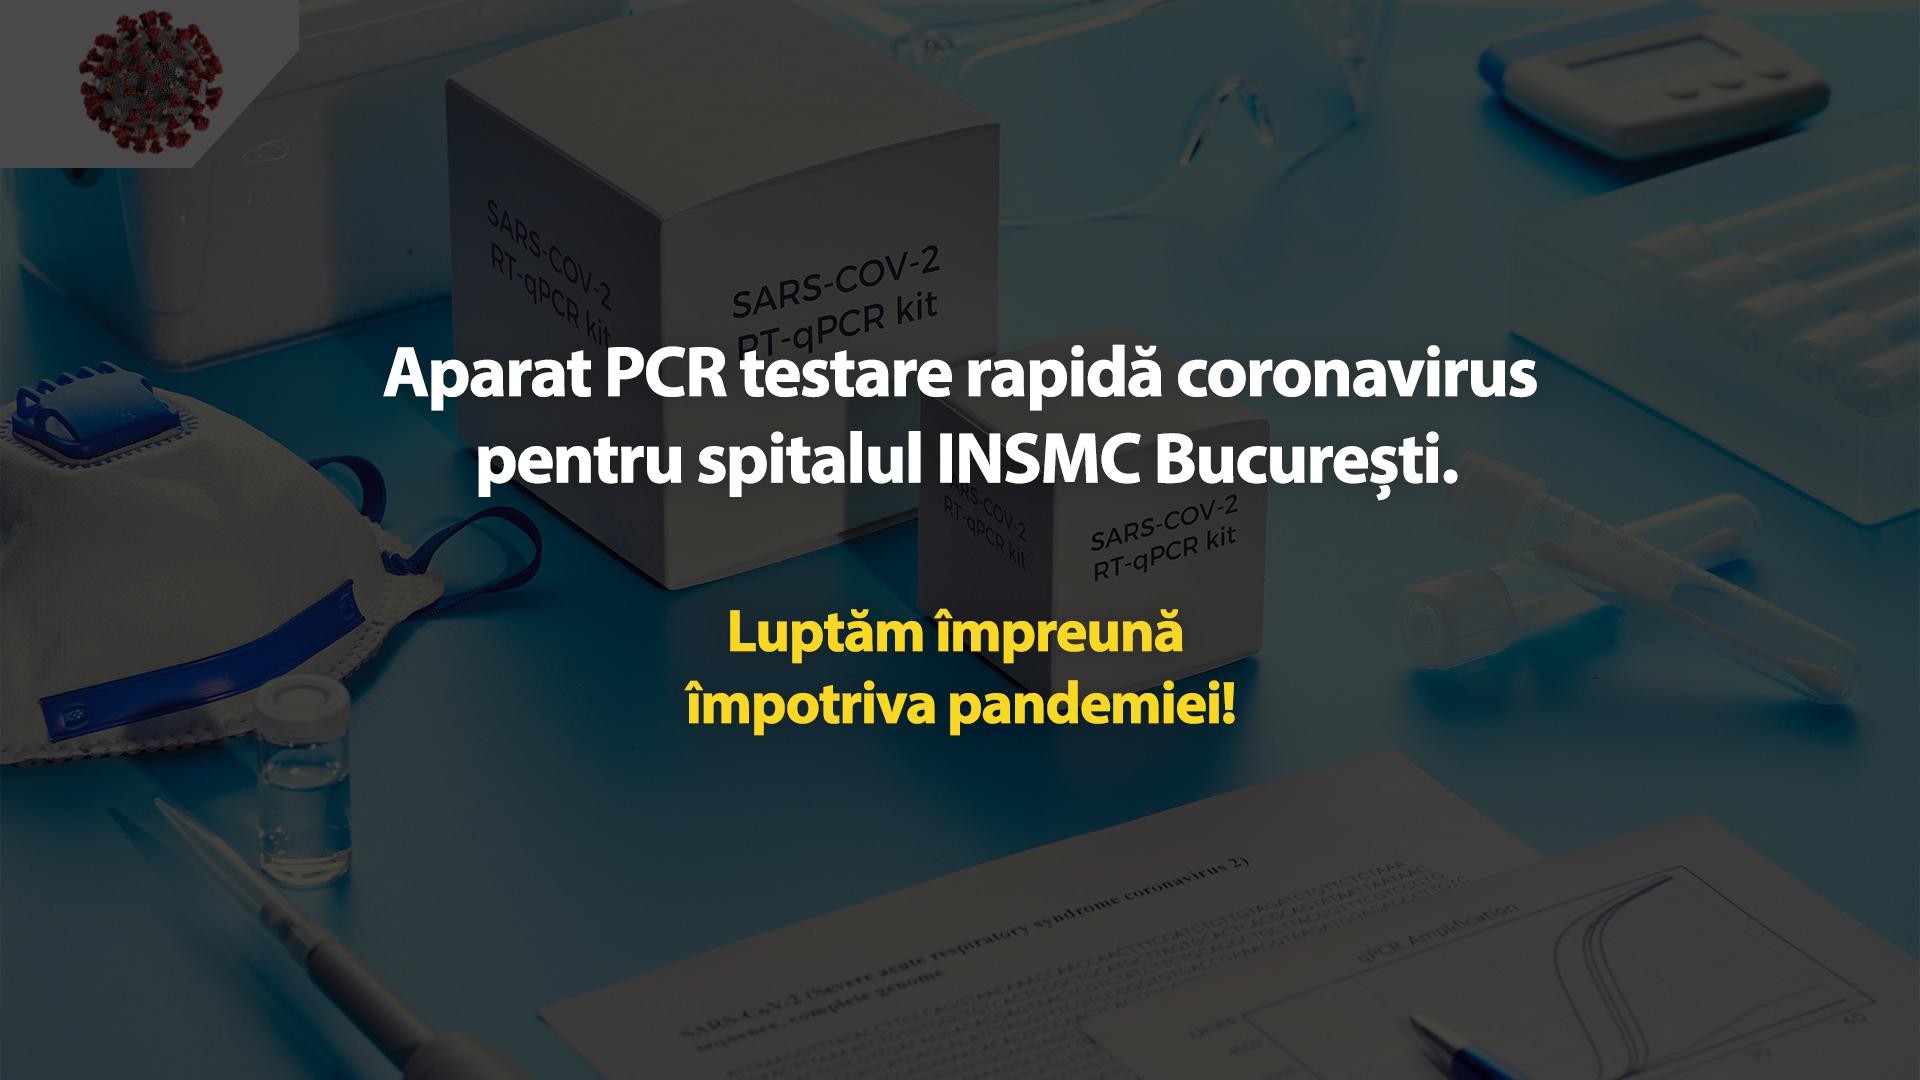 Aparat PCR pentru spitalul INSMC